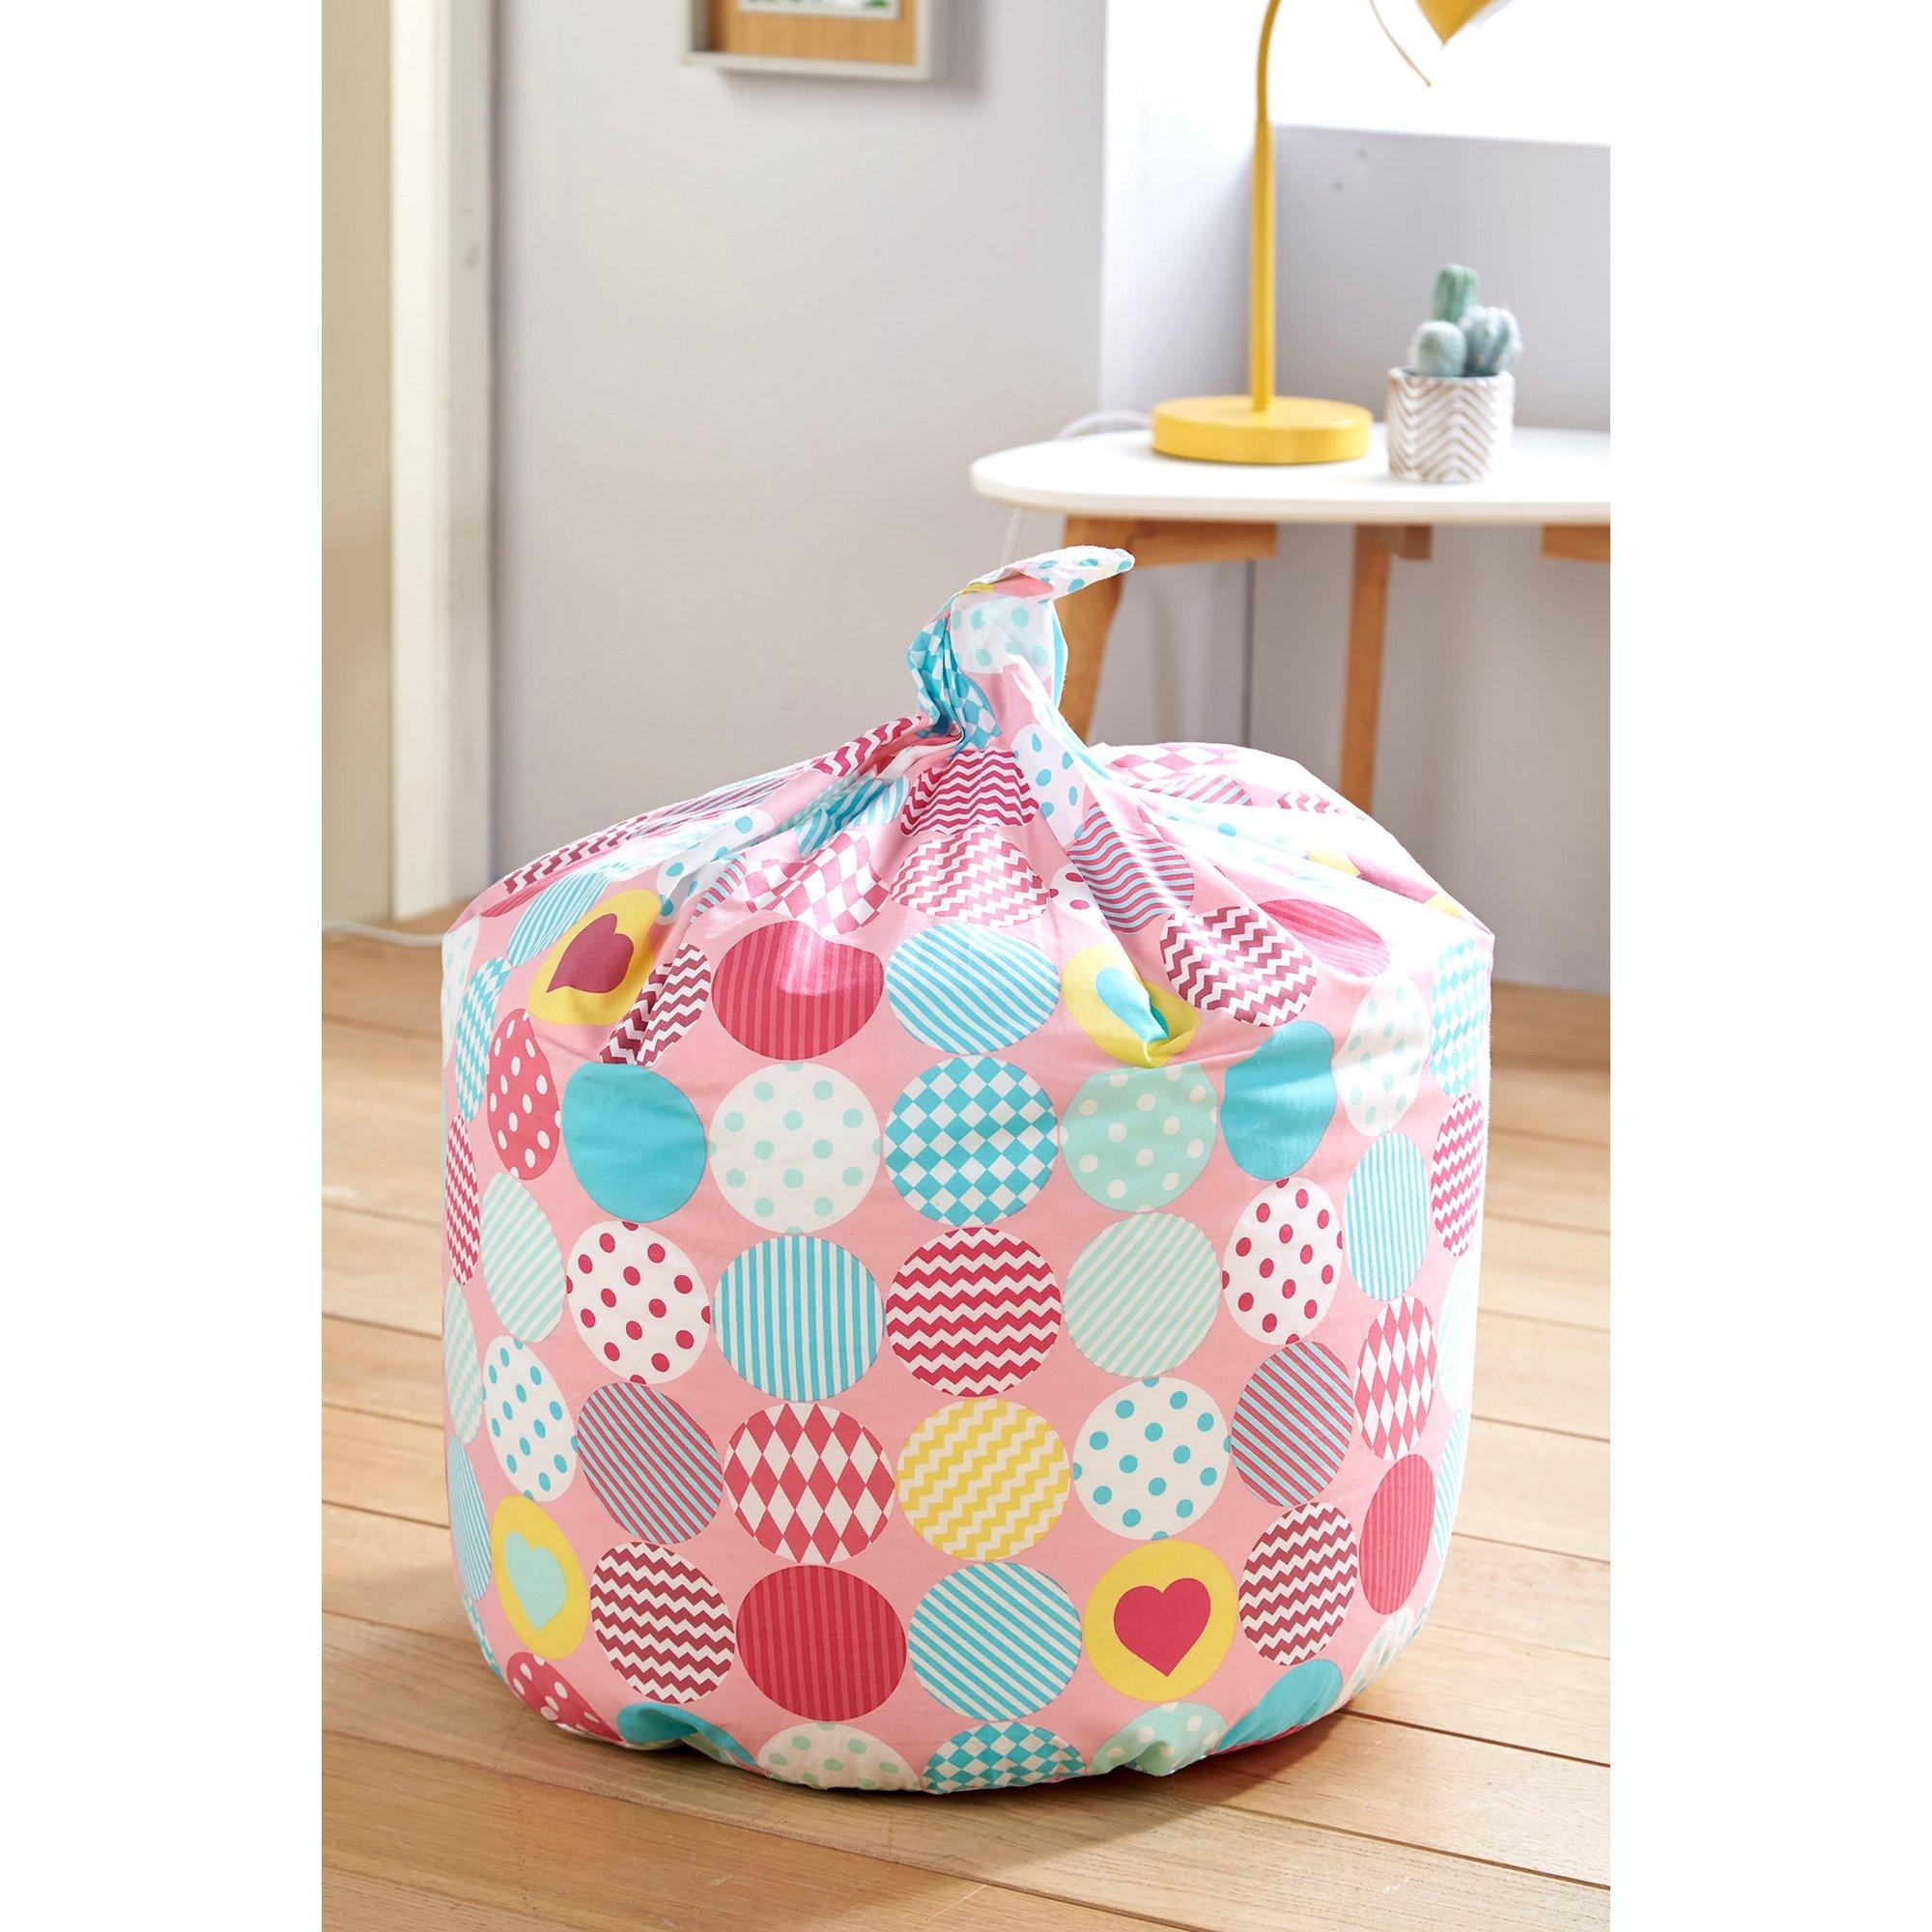 Image of Kids Pink Circle Bean Bag